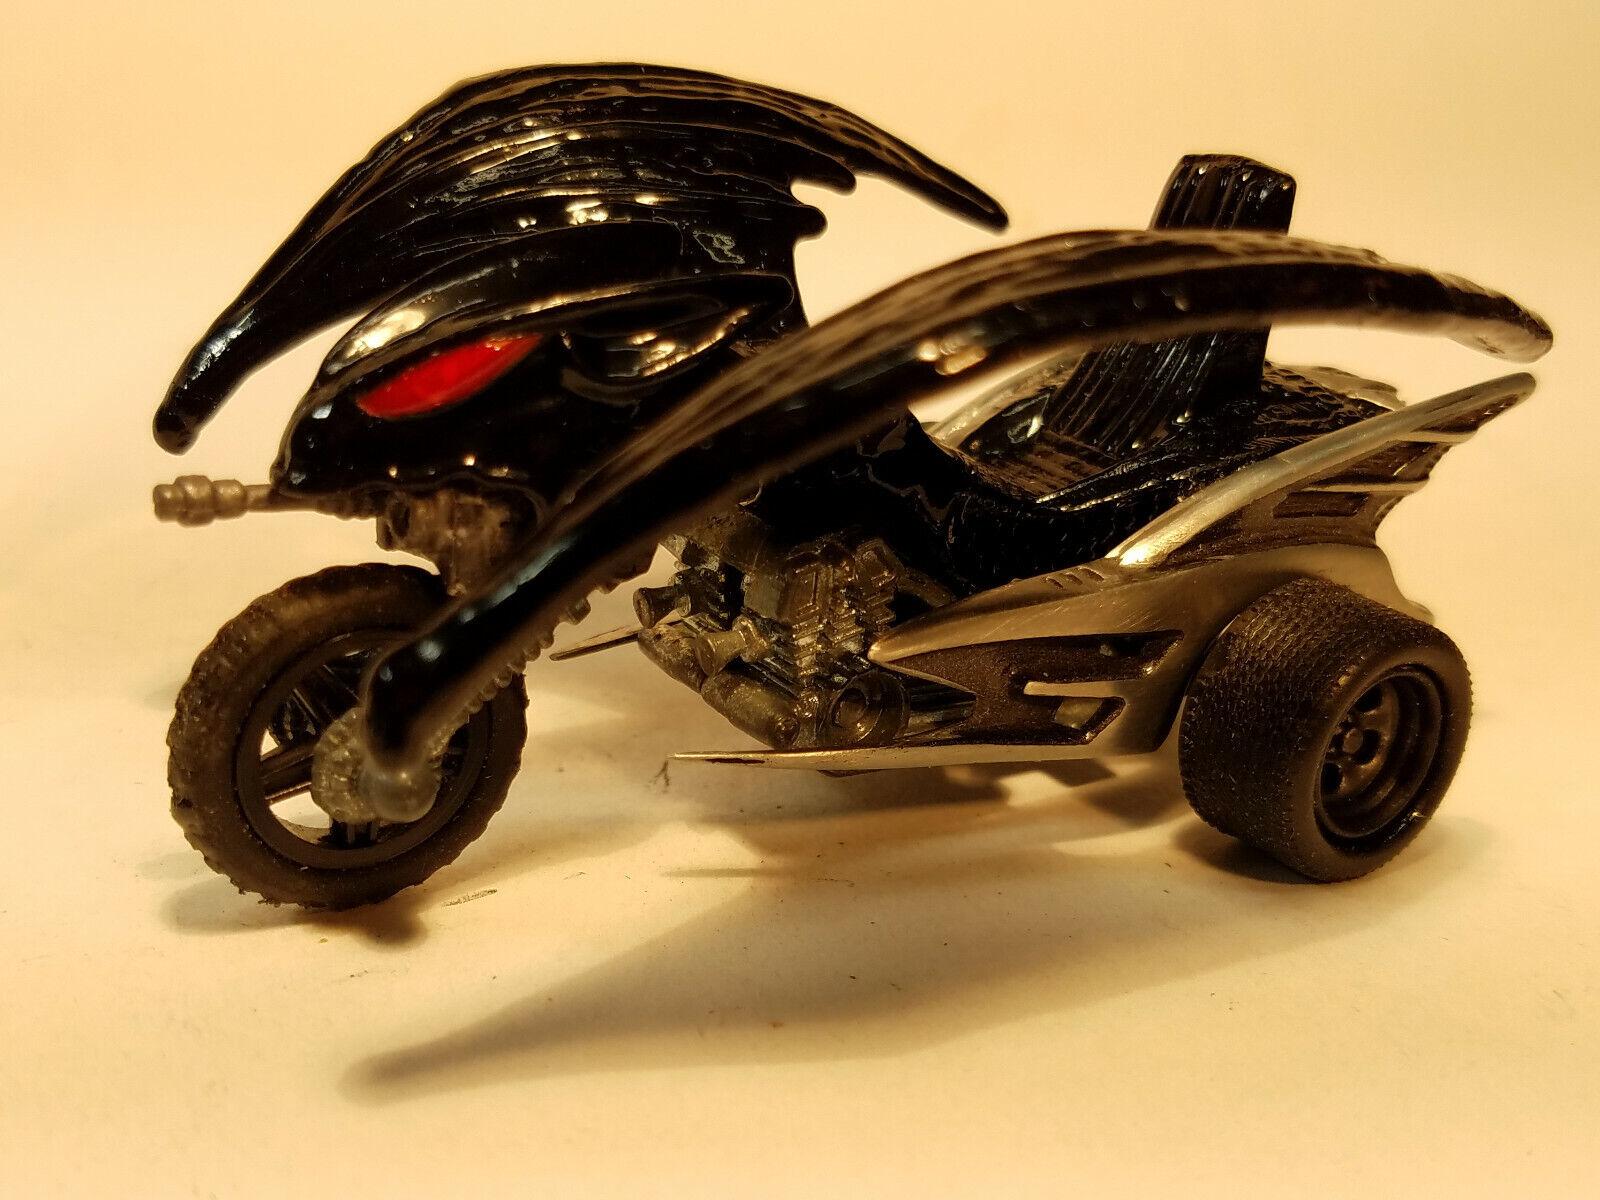 1 dei tipi su misura caliente ruedaS rrrumblers BATBIKE Triciclo con veri GOMMA GOMME